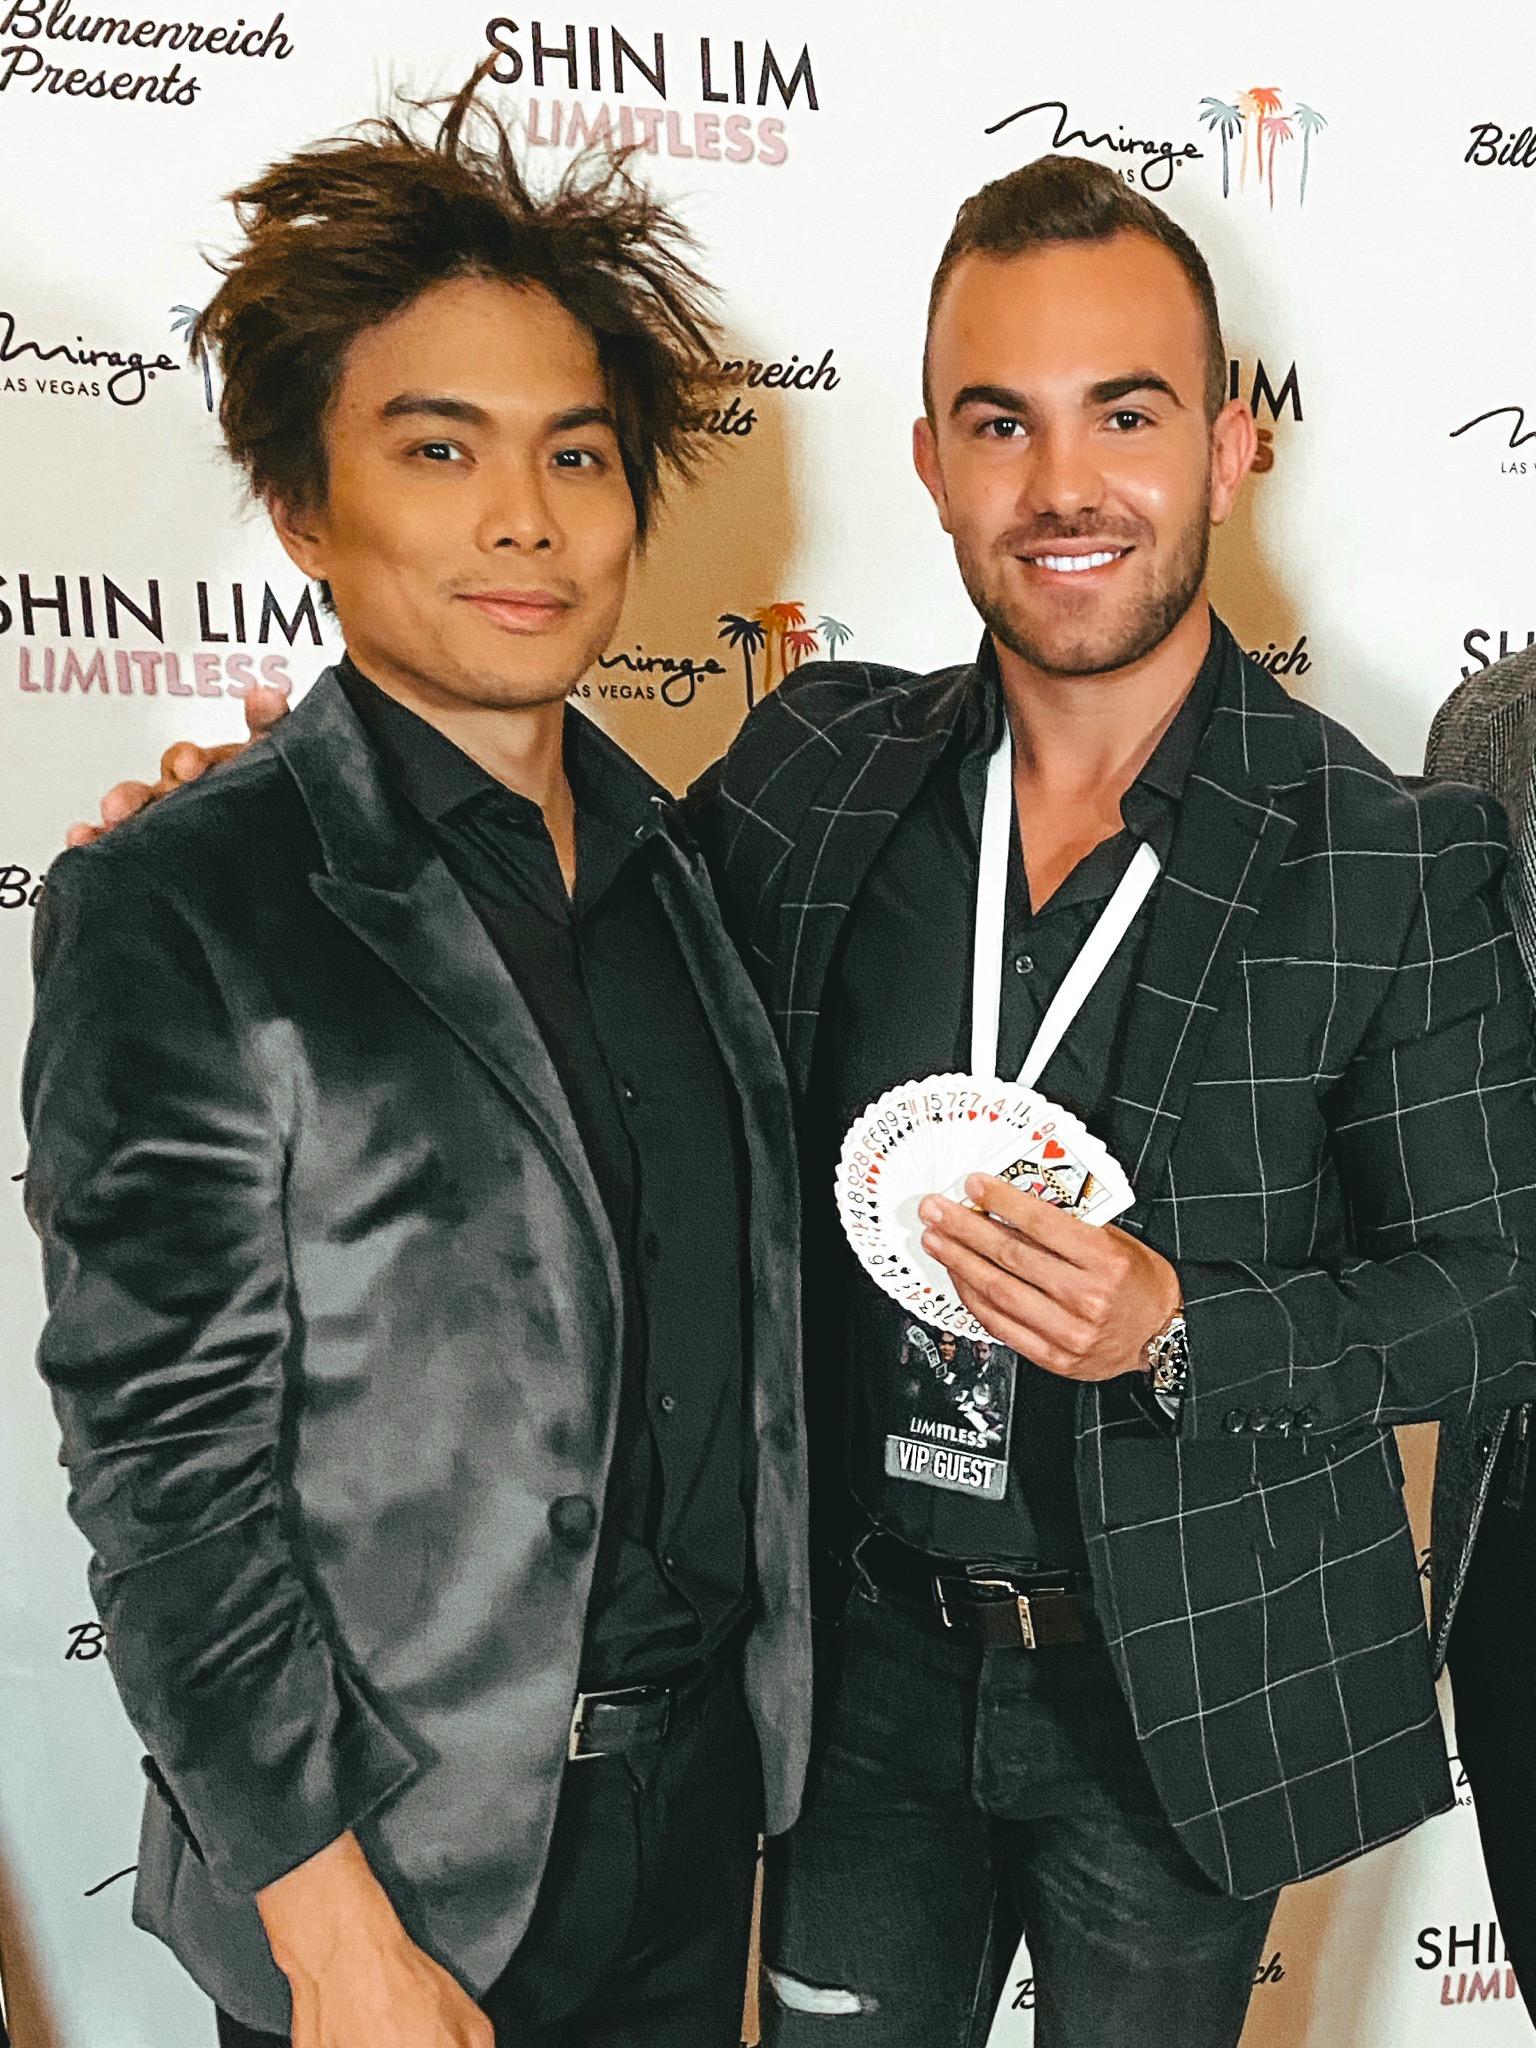 Shin Lim (2020)